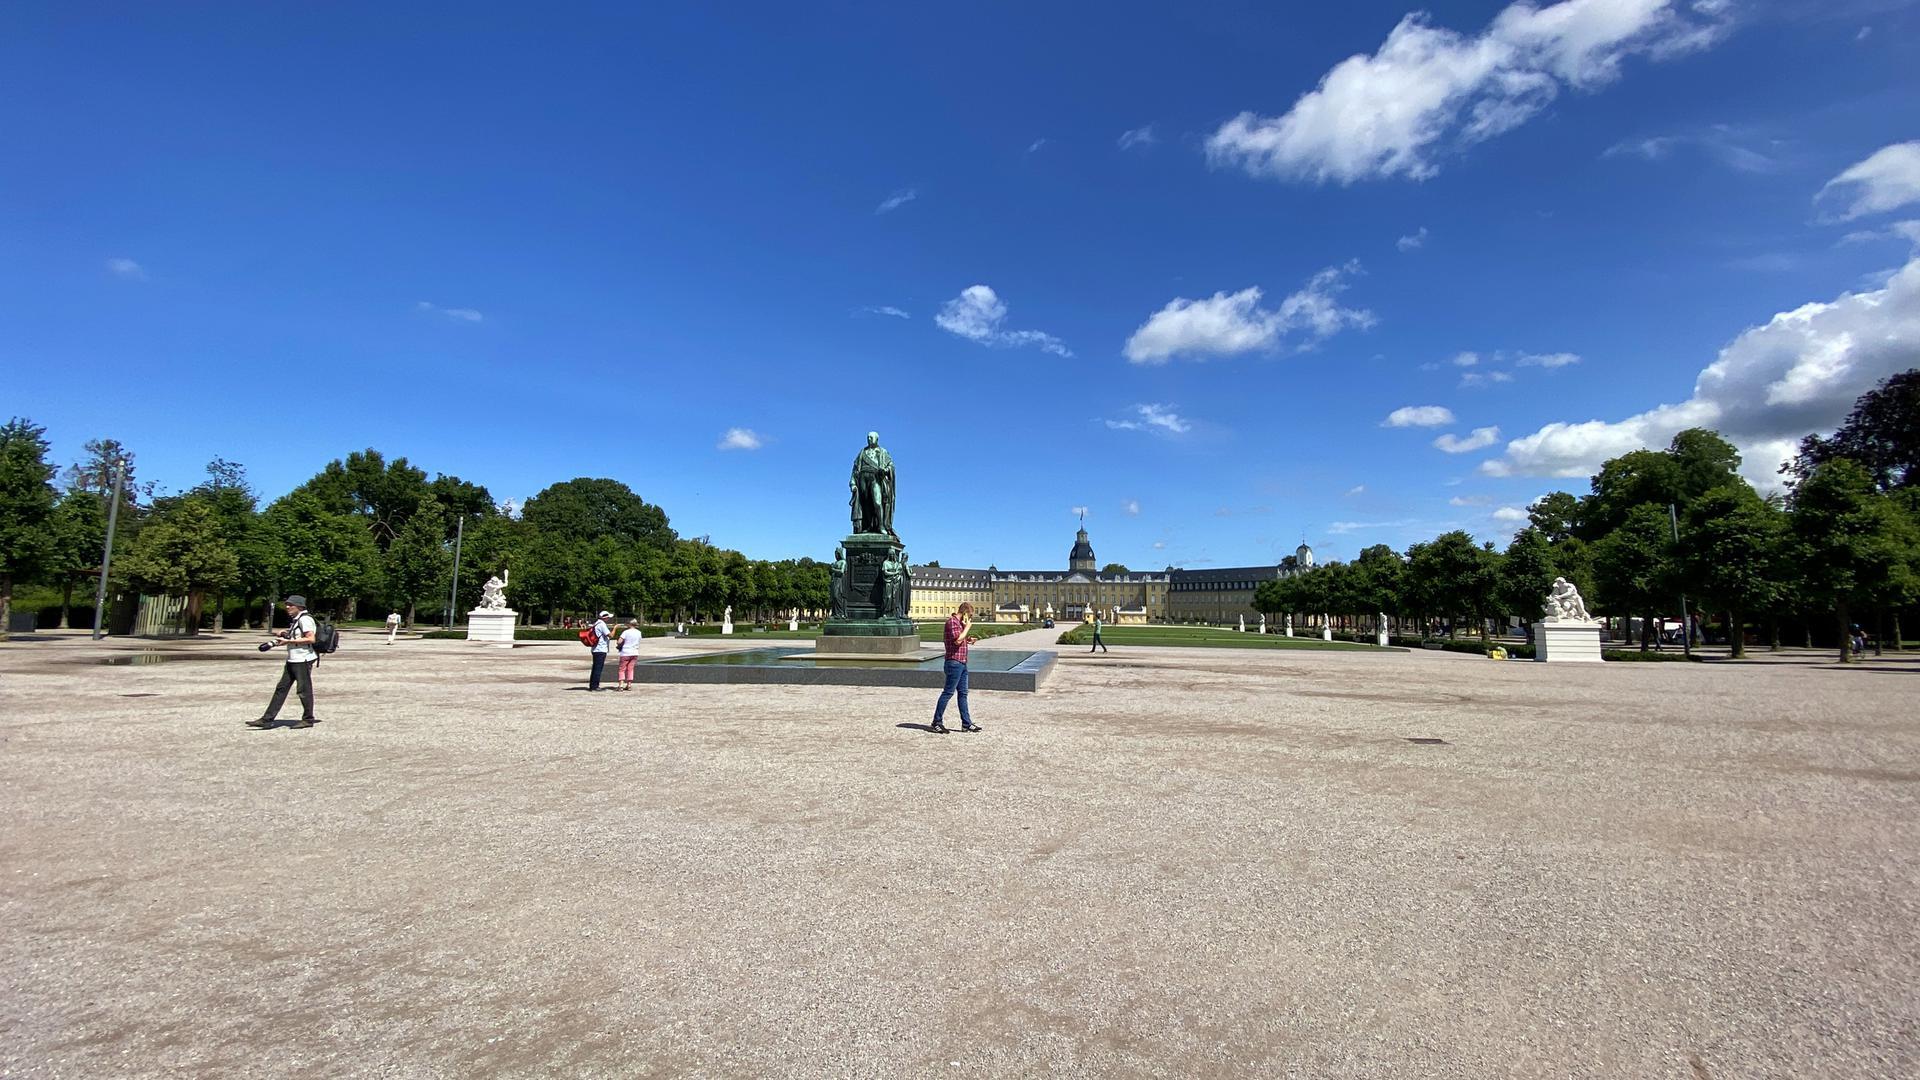 Weit und breit kein Klo: Das stört manche Besucher des Karlsruher Schlossplatzes.